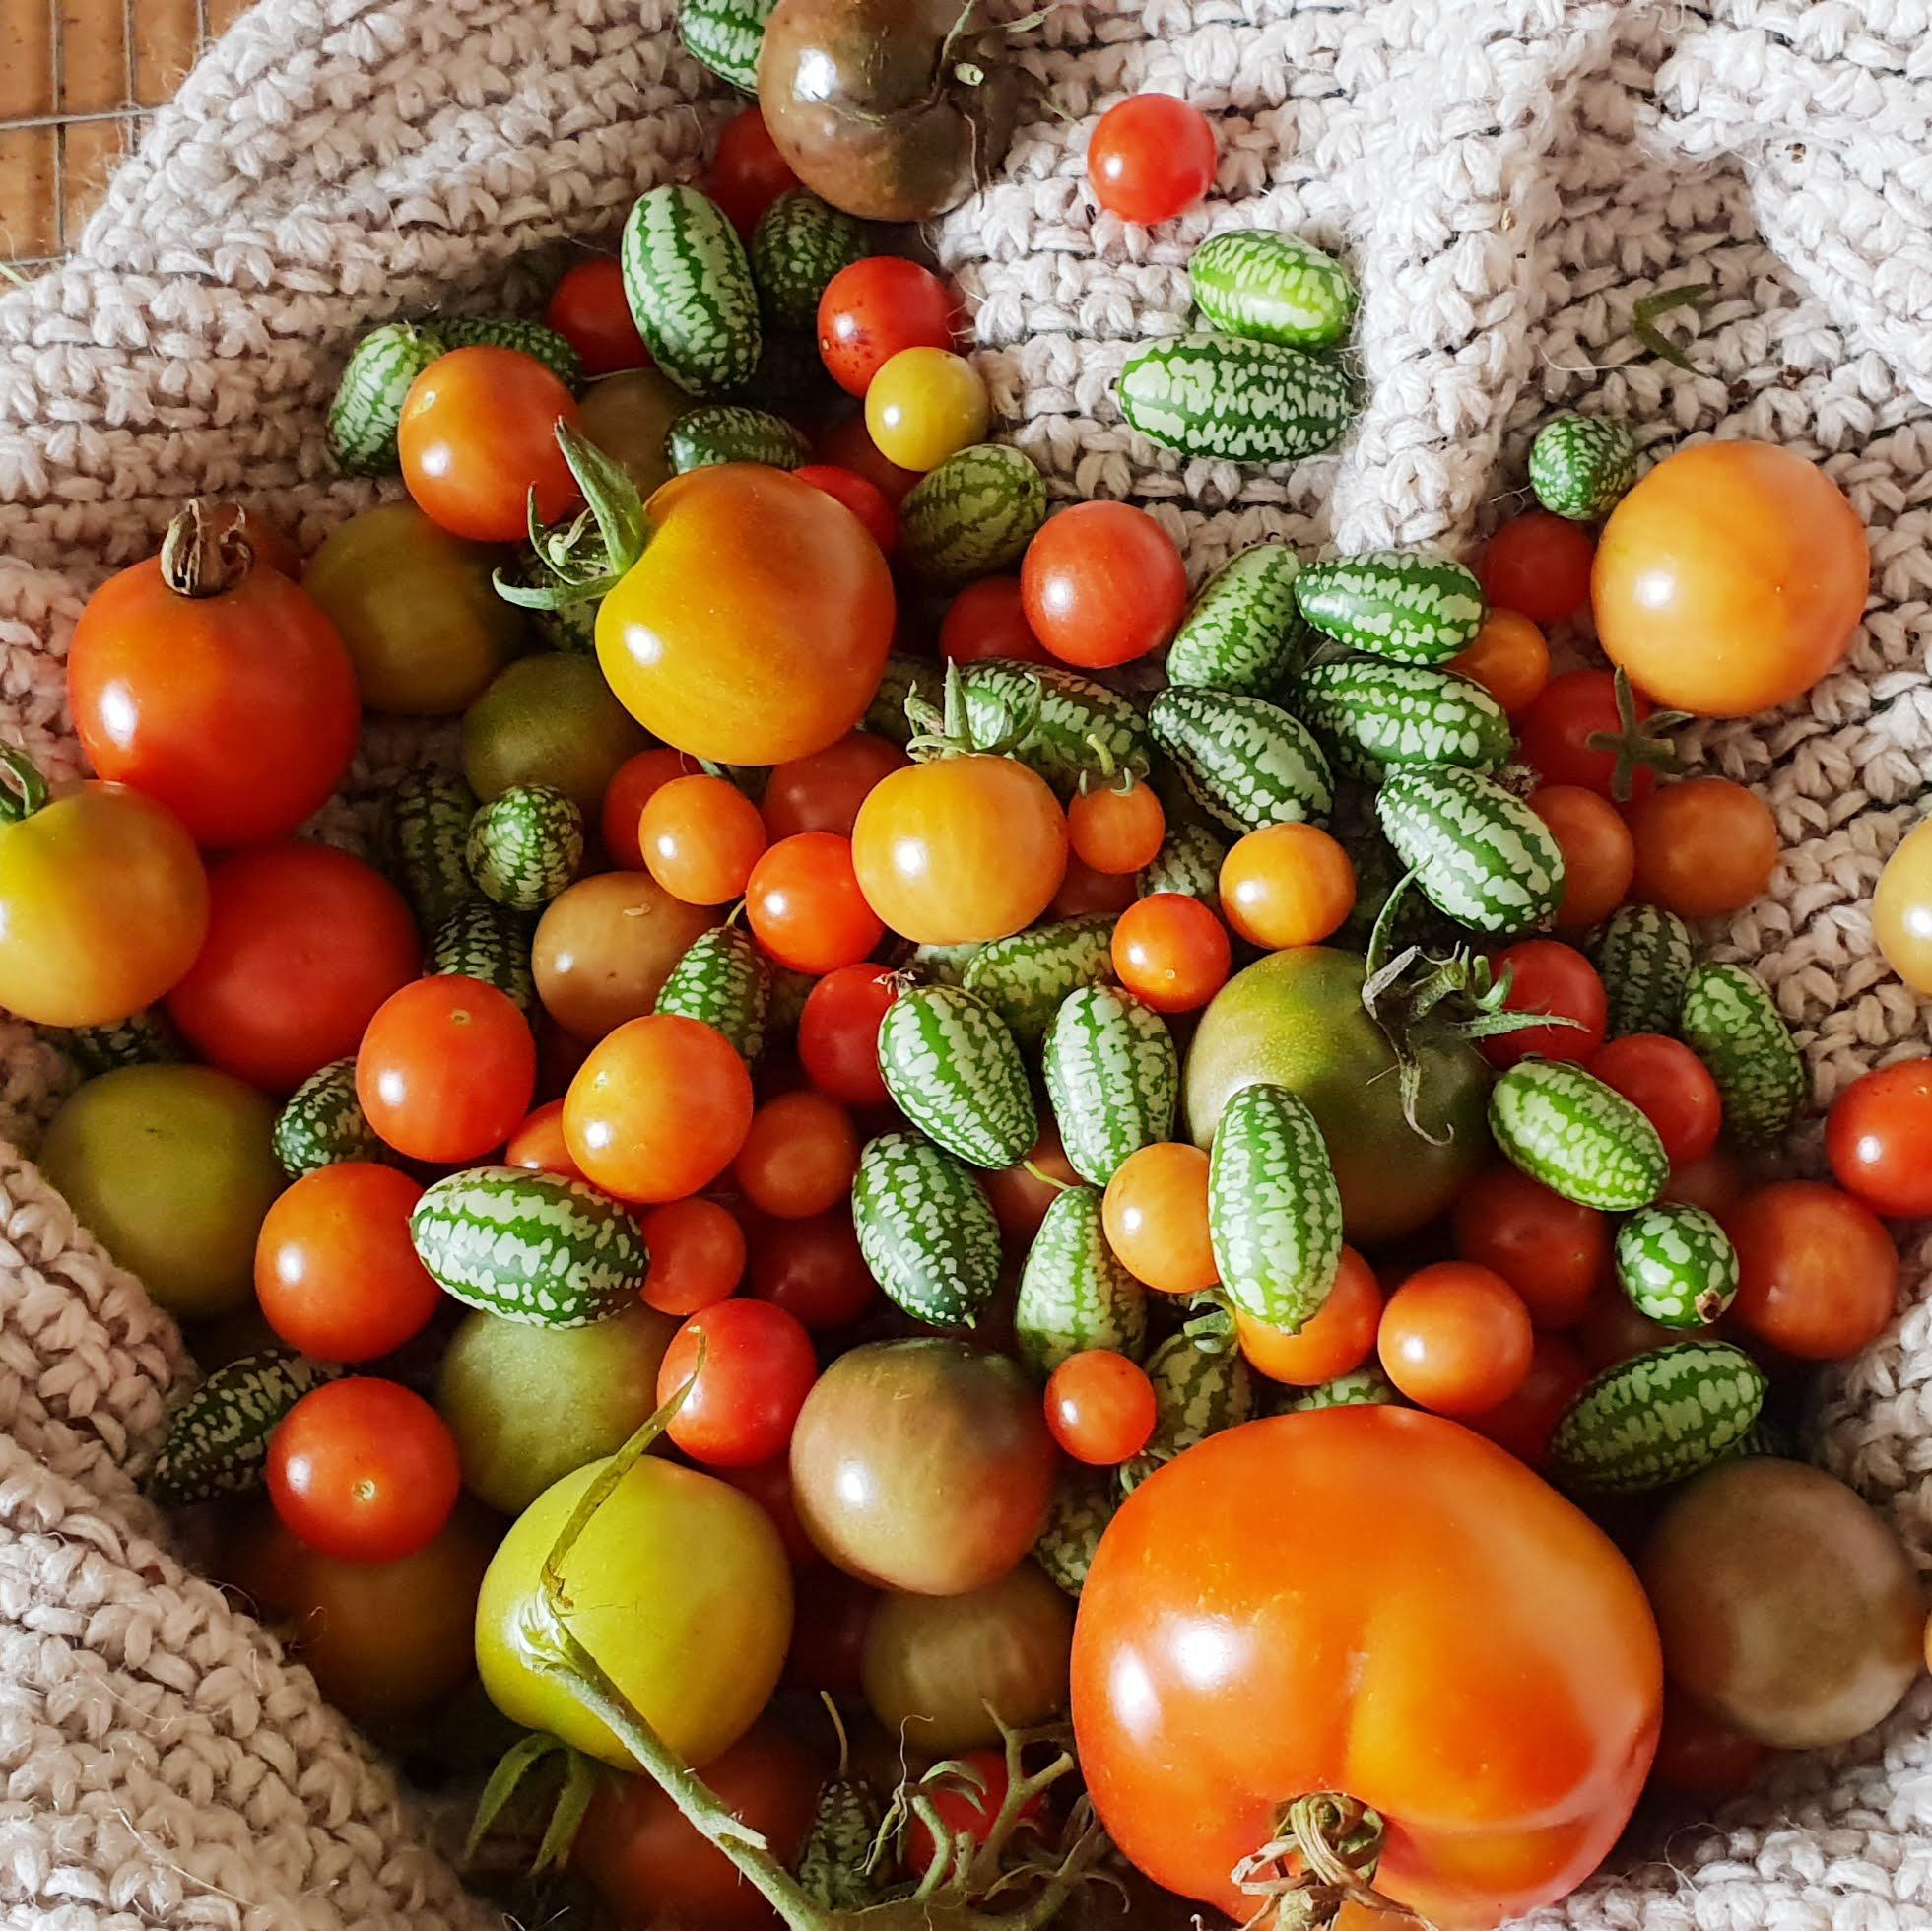 Selbstgesäte Tomaten beginnen im September zu reifen.